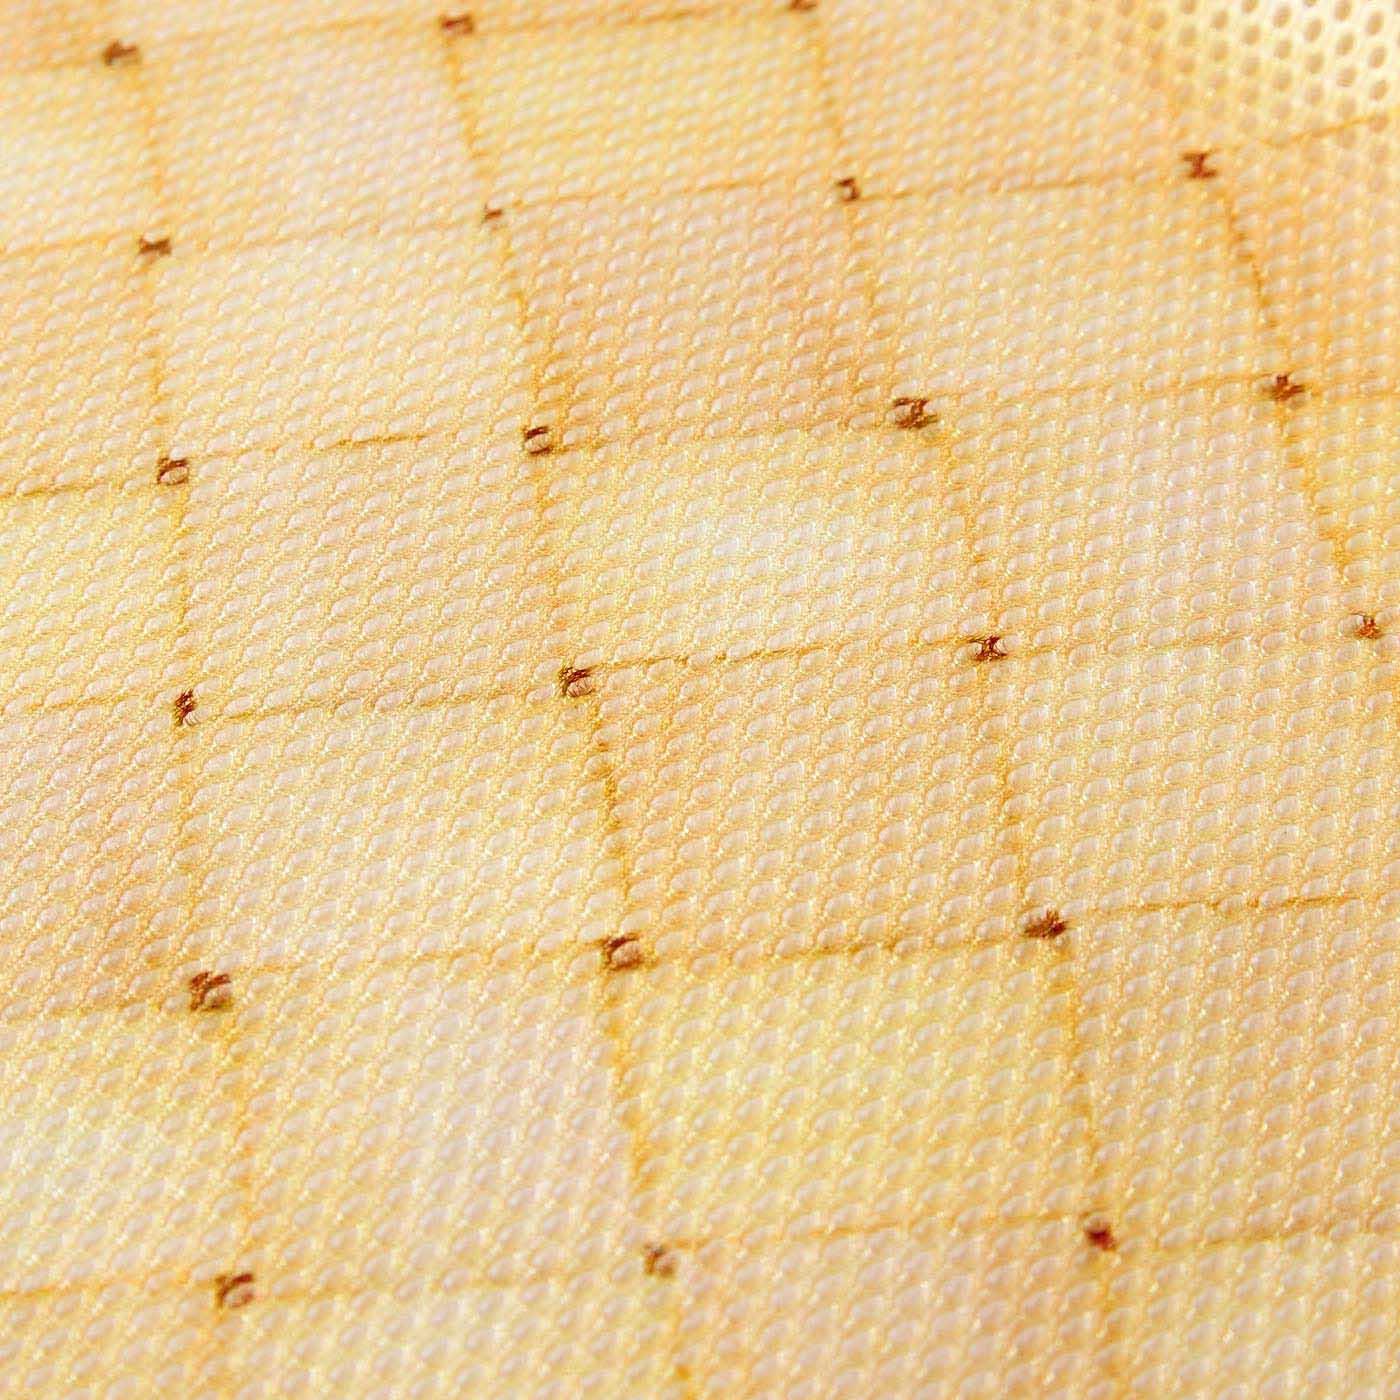 メッシュ素材にかごの柄をリアルプリントしています。